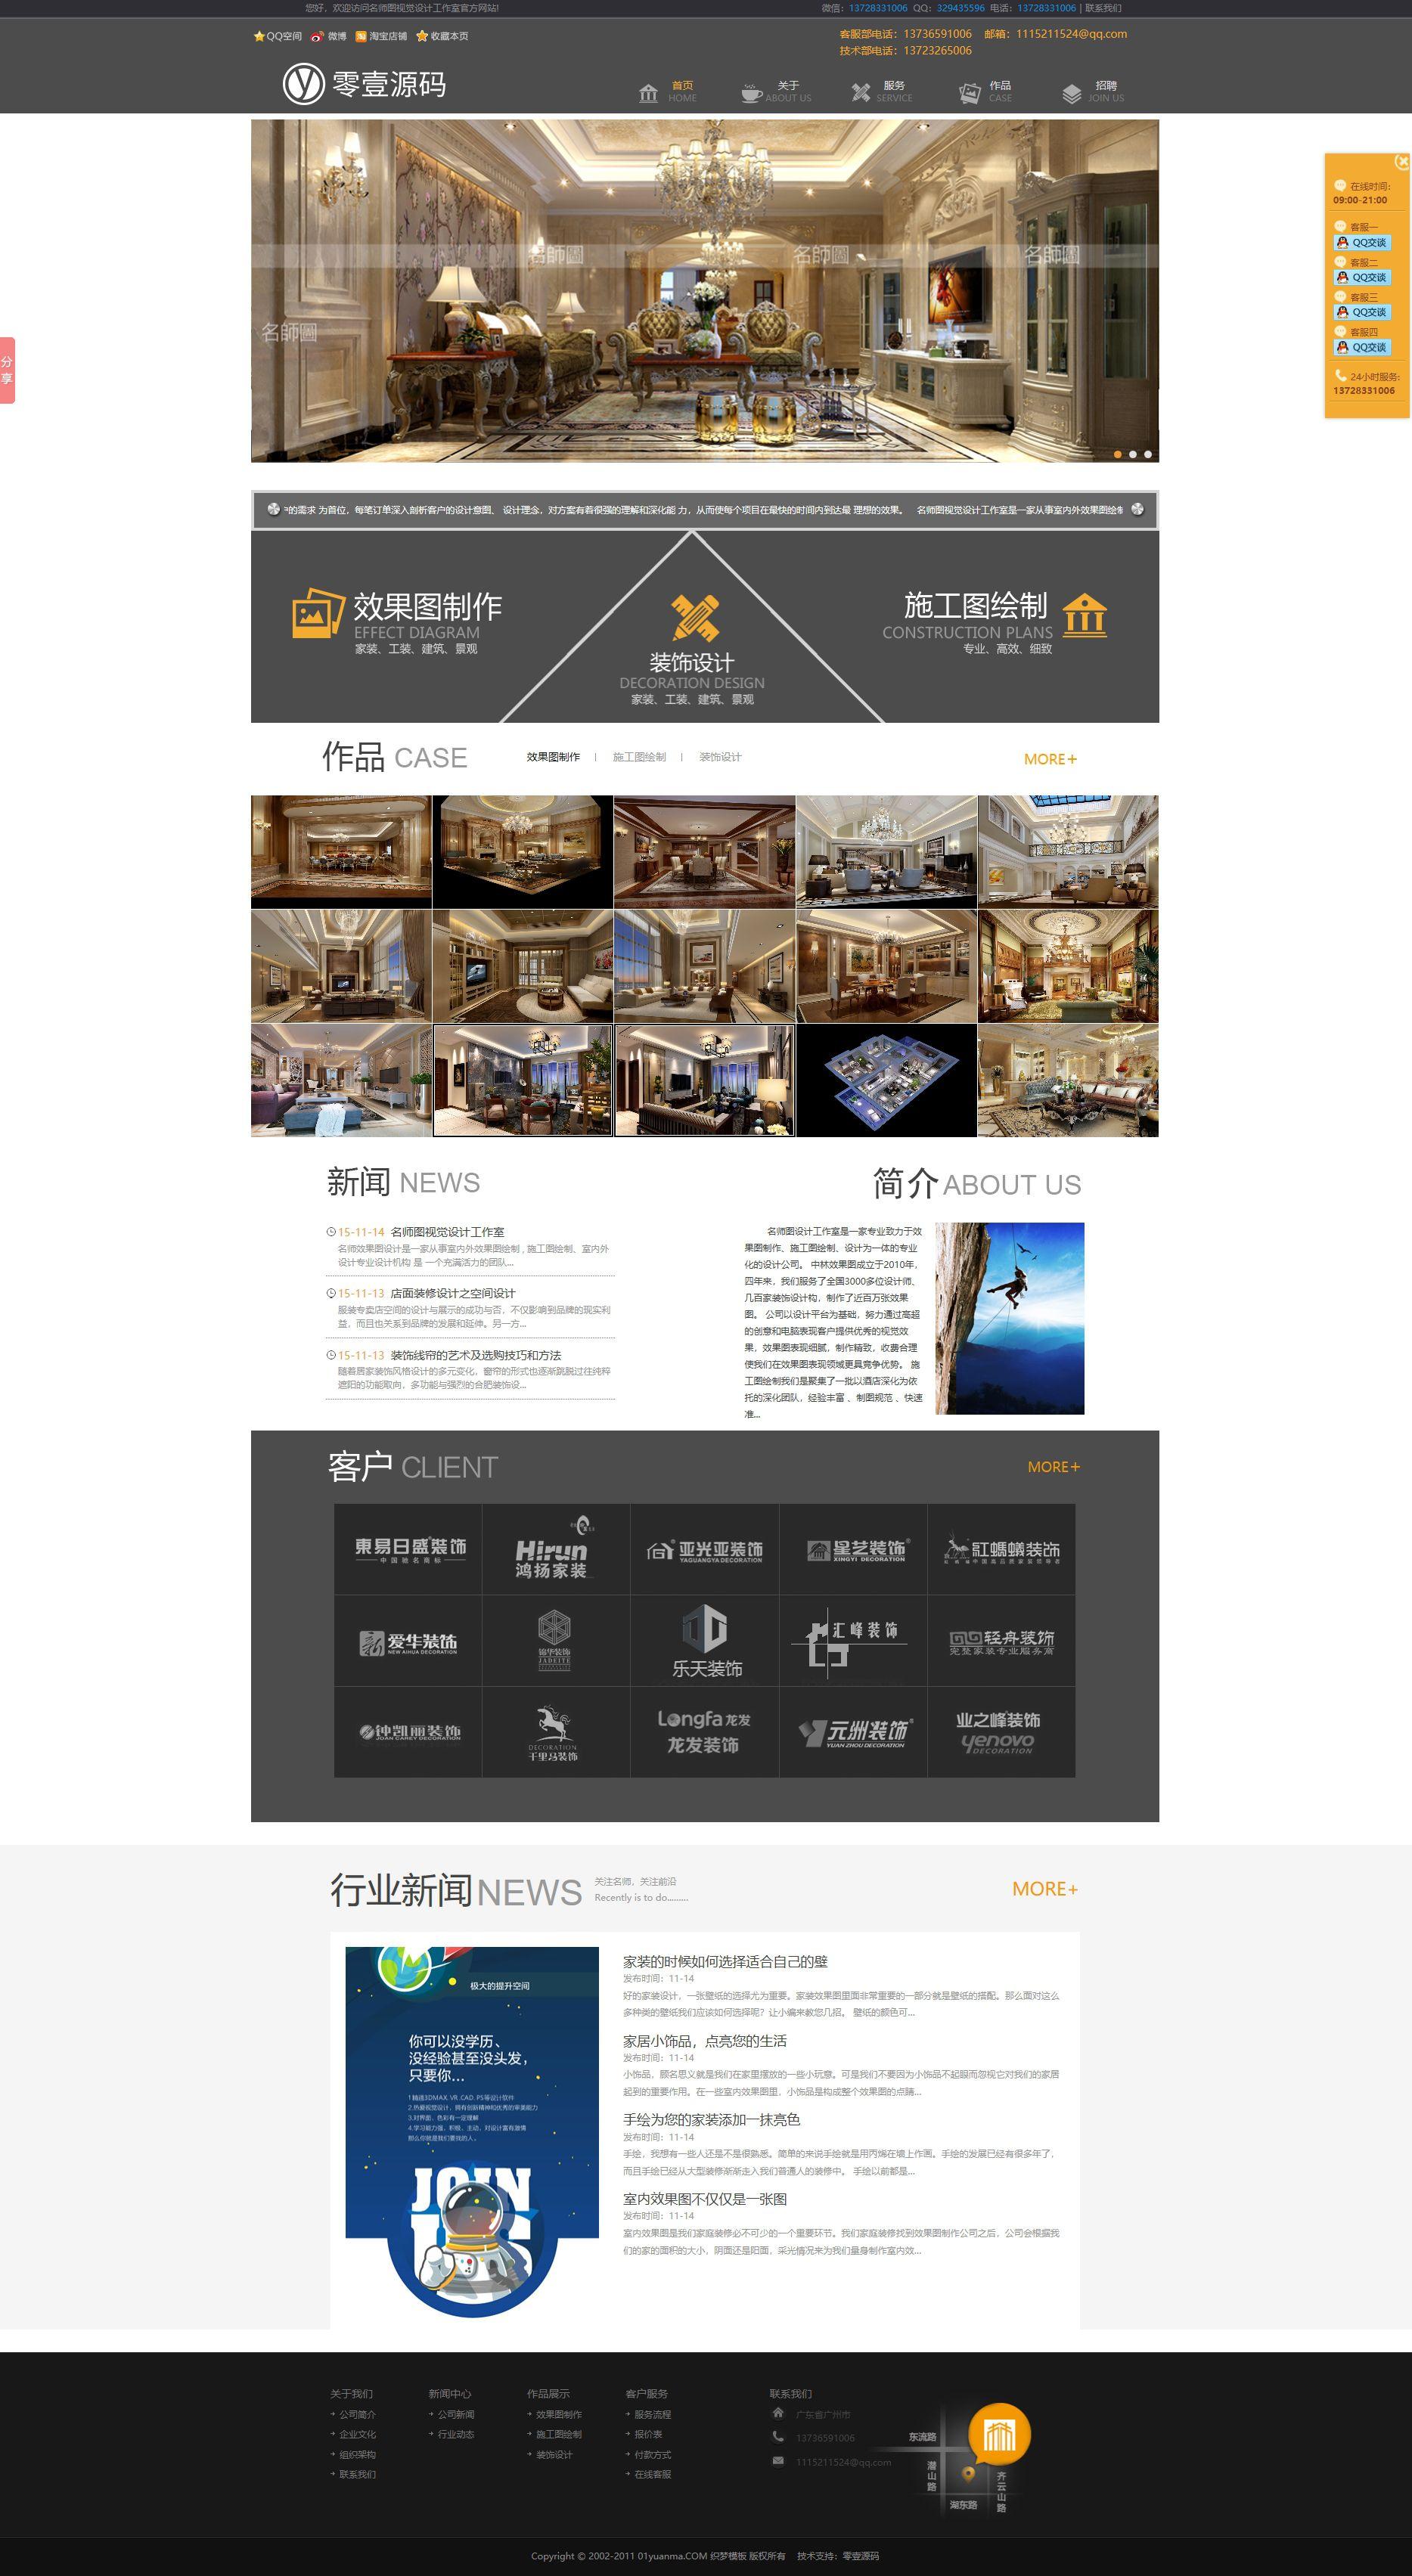 黑色设计装饰装修类网站织梦dedecms模板